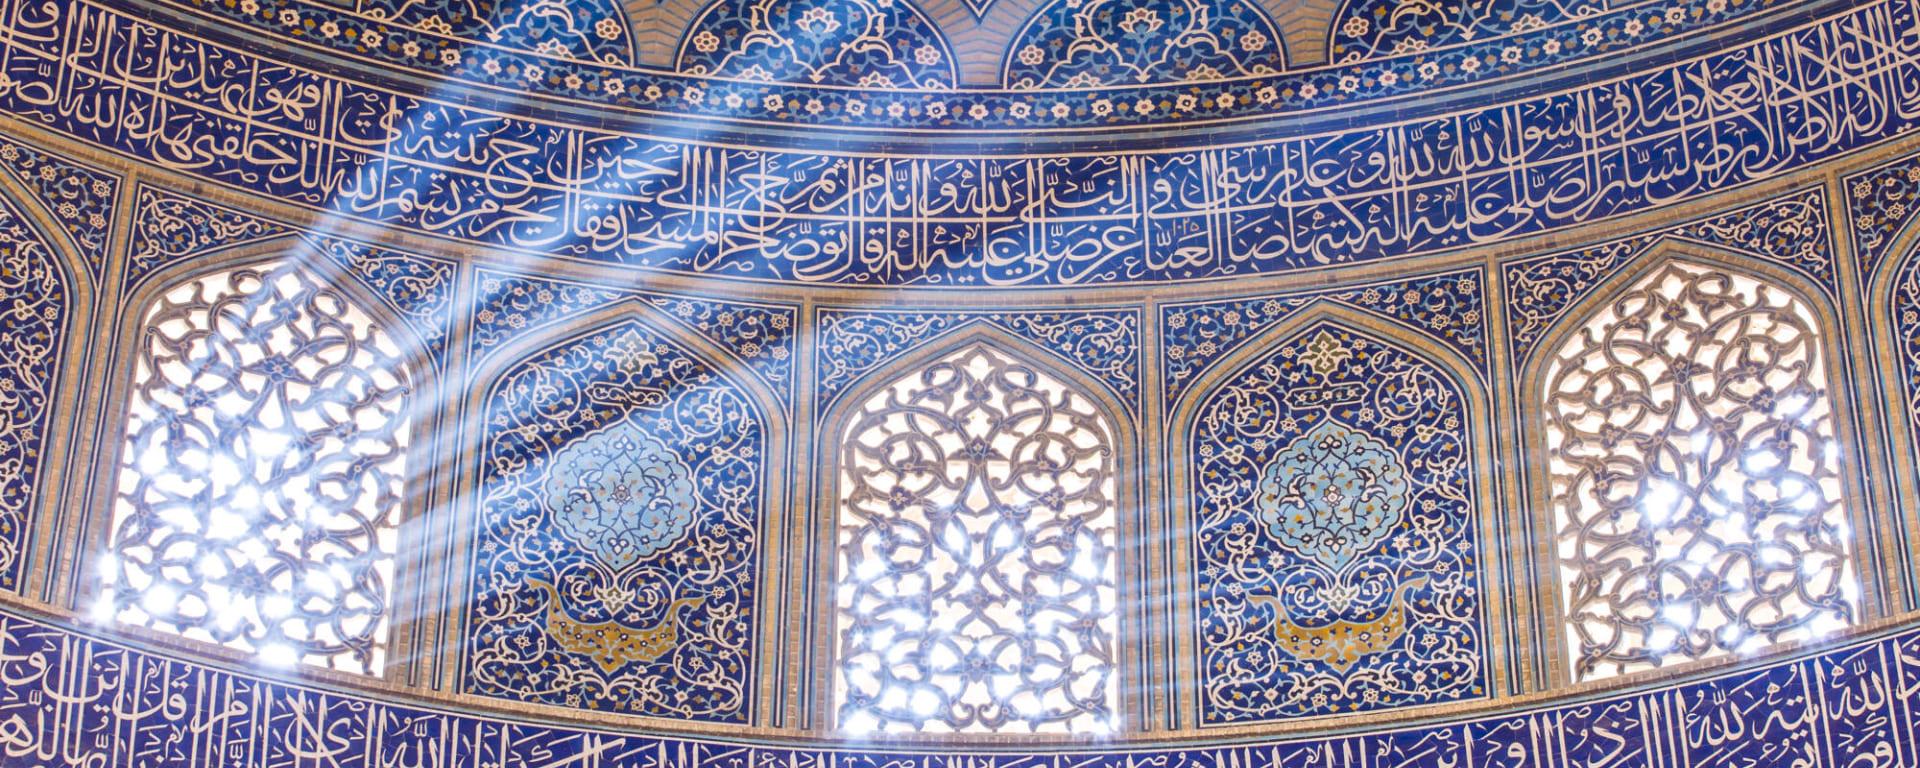 Iran entdecken mit Tischler Reisen: Iran Isfahan Sheikh Lotfollah Moschee